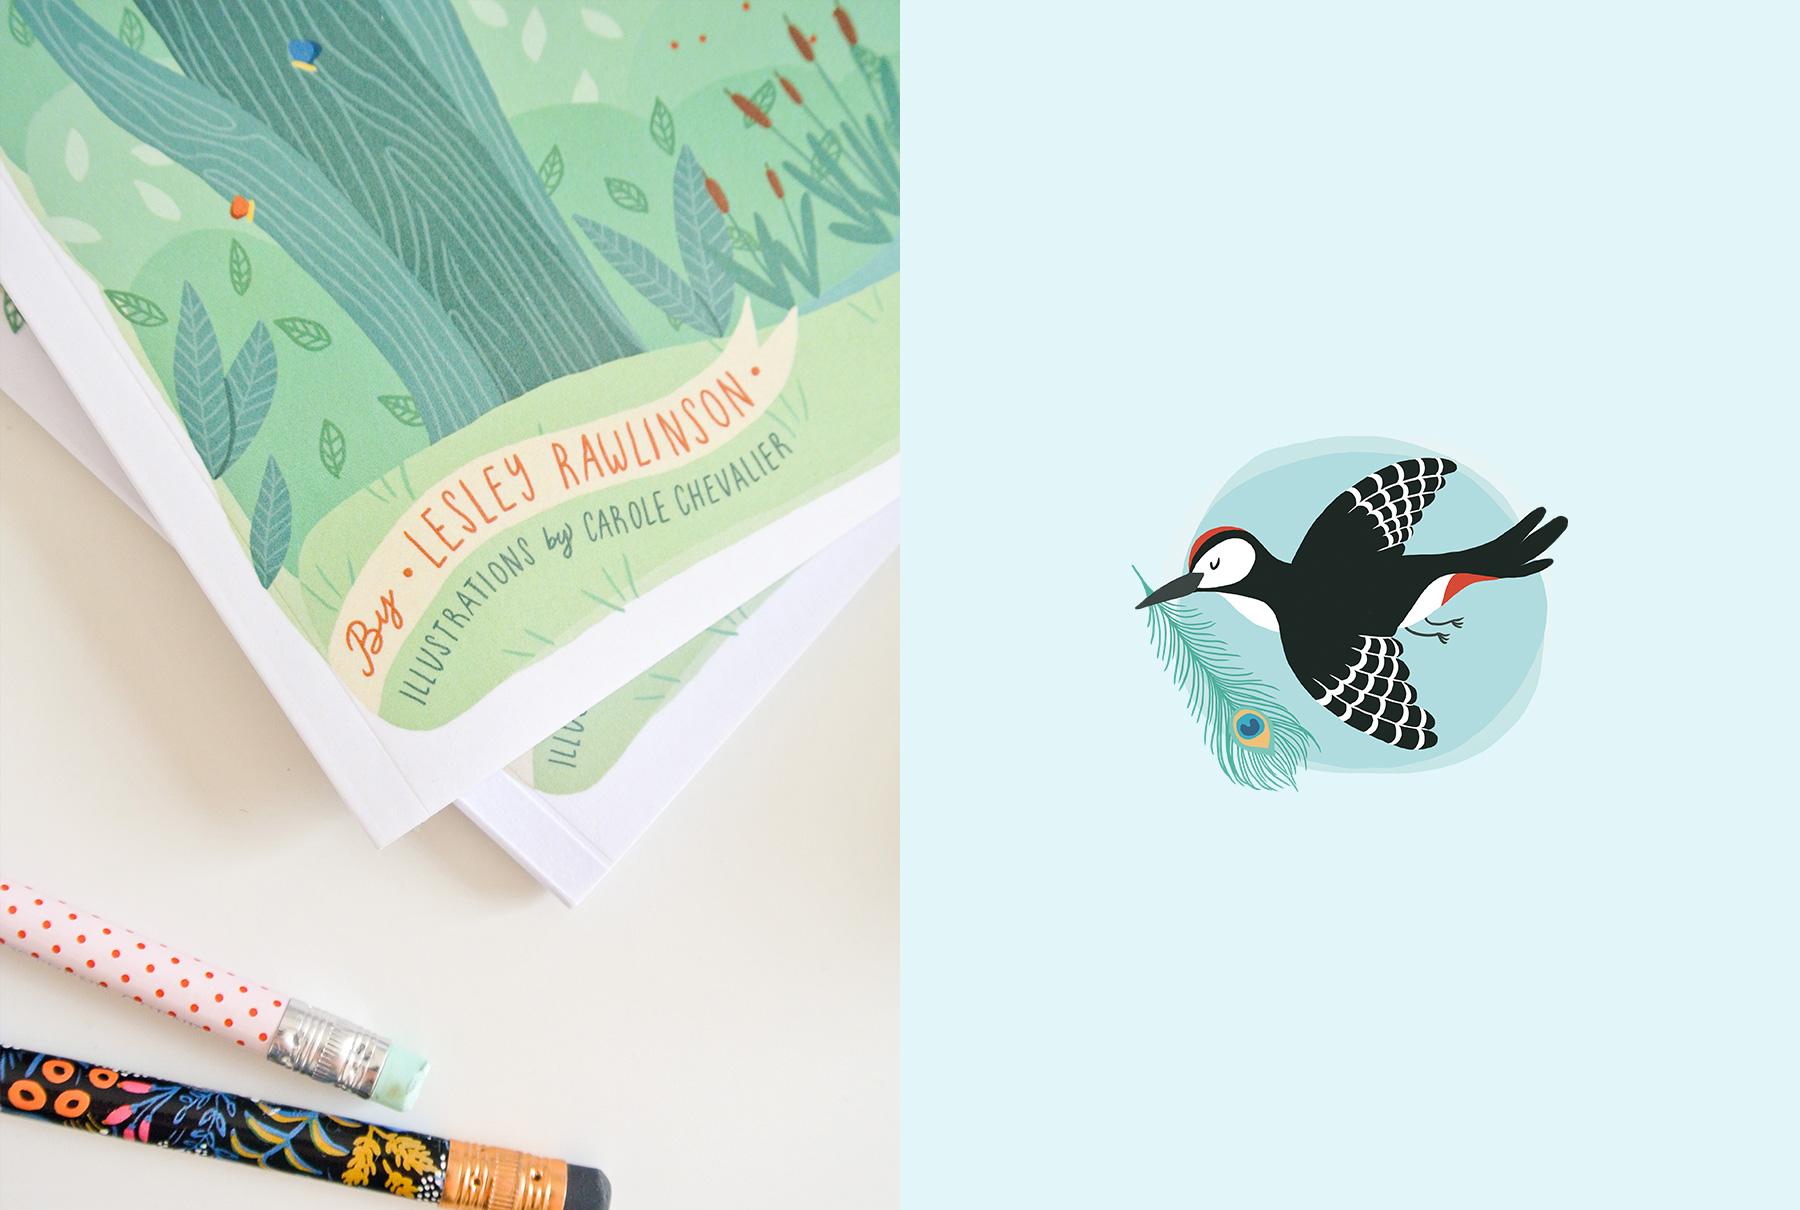 Carole_Chevalier-Woodpecker-Tales-Book_3.jpg